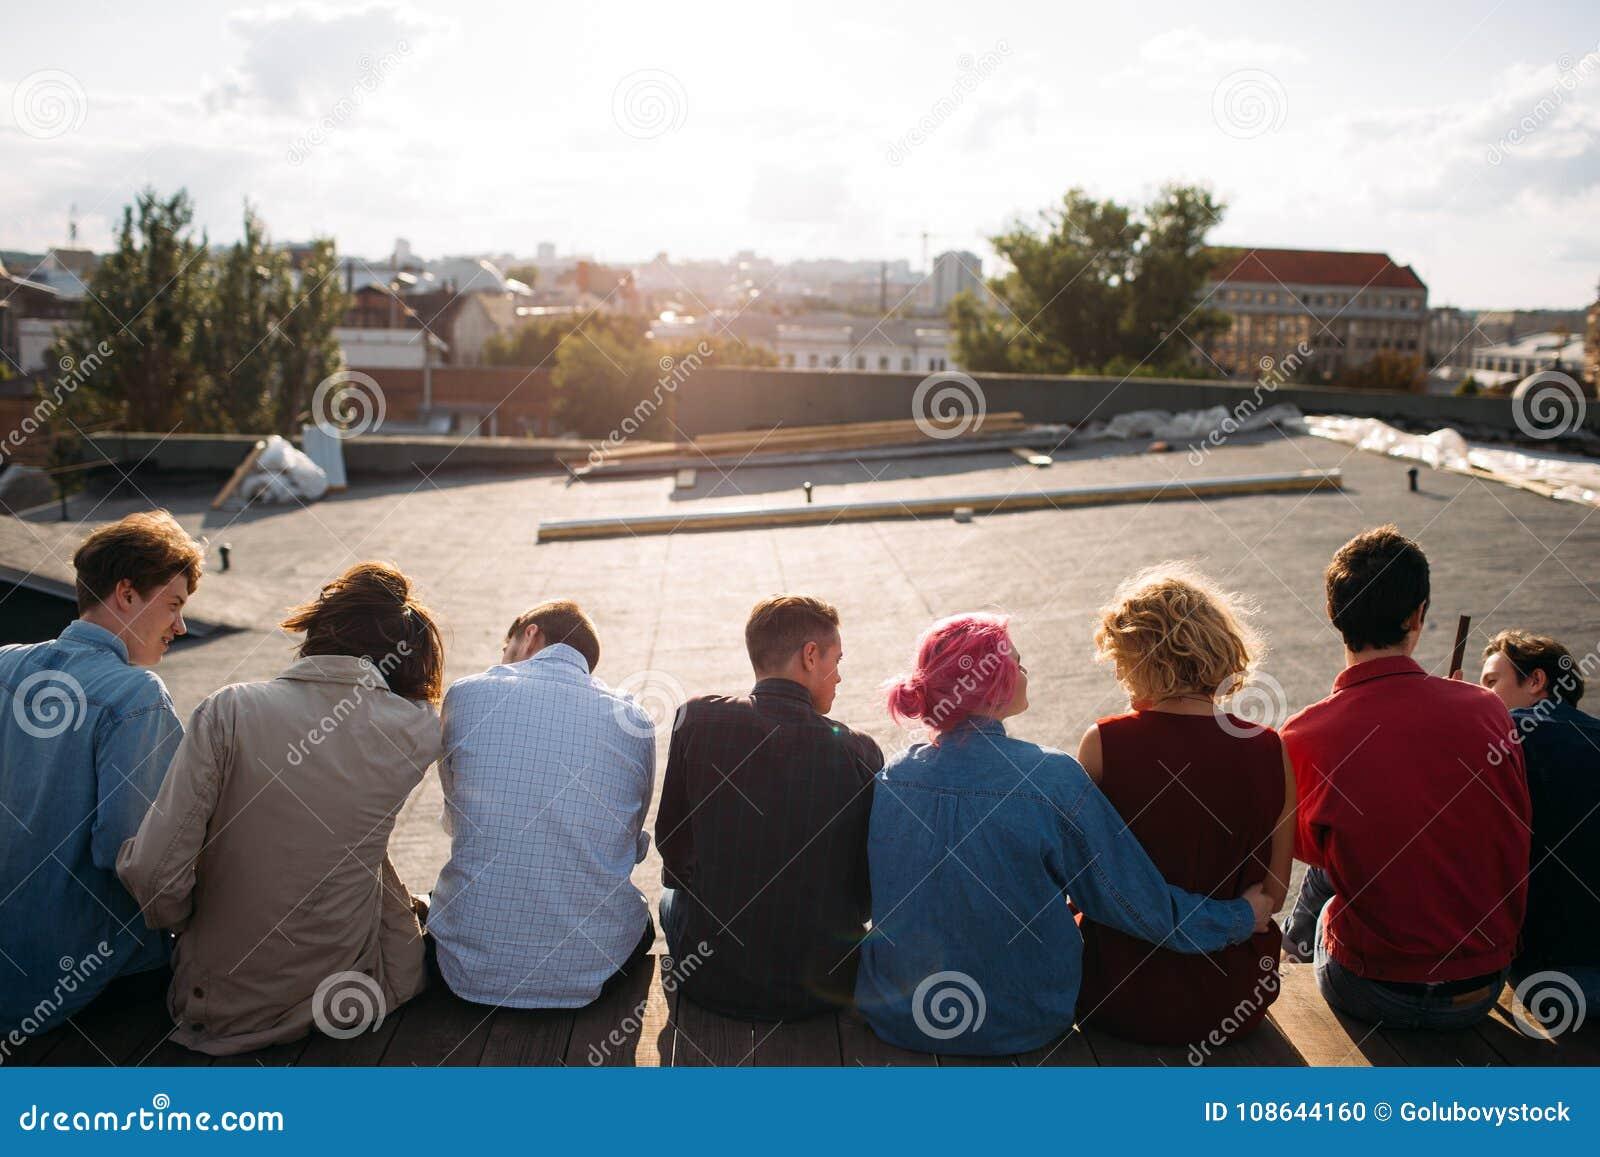 休闲旅行不同的人民少年生活方式